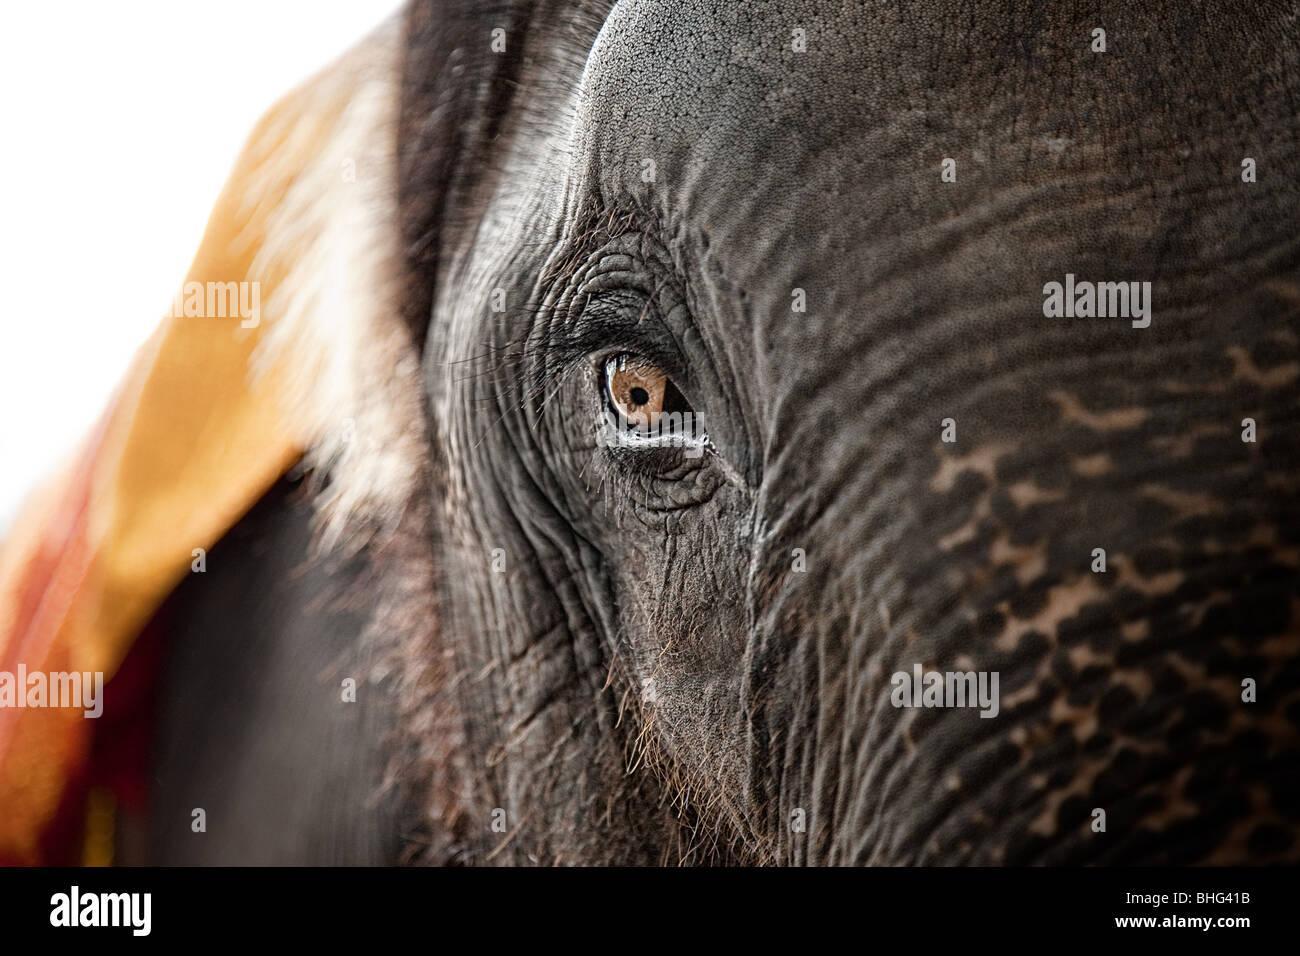 De près de l'oeil d'un éléphant Photo Stock